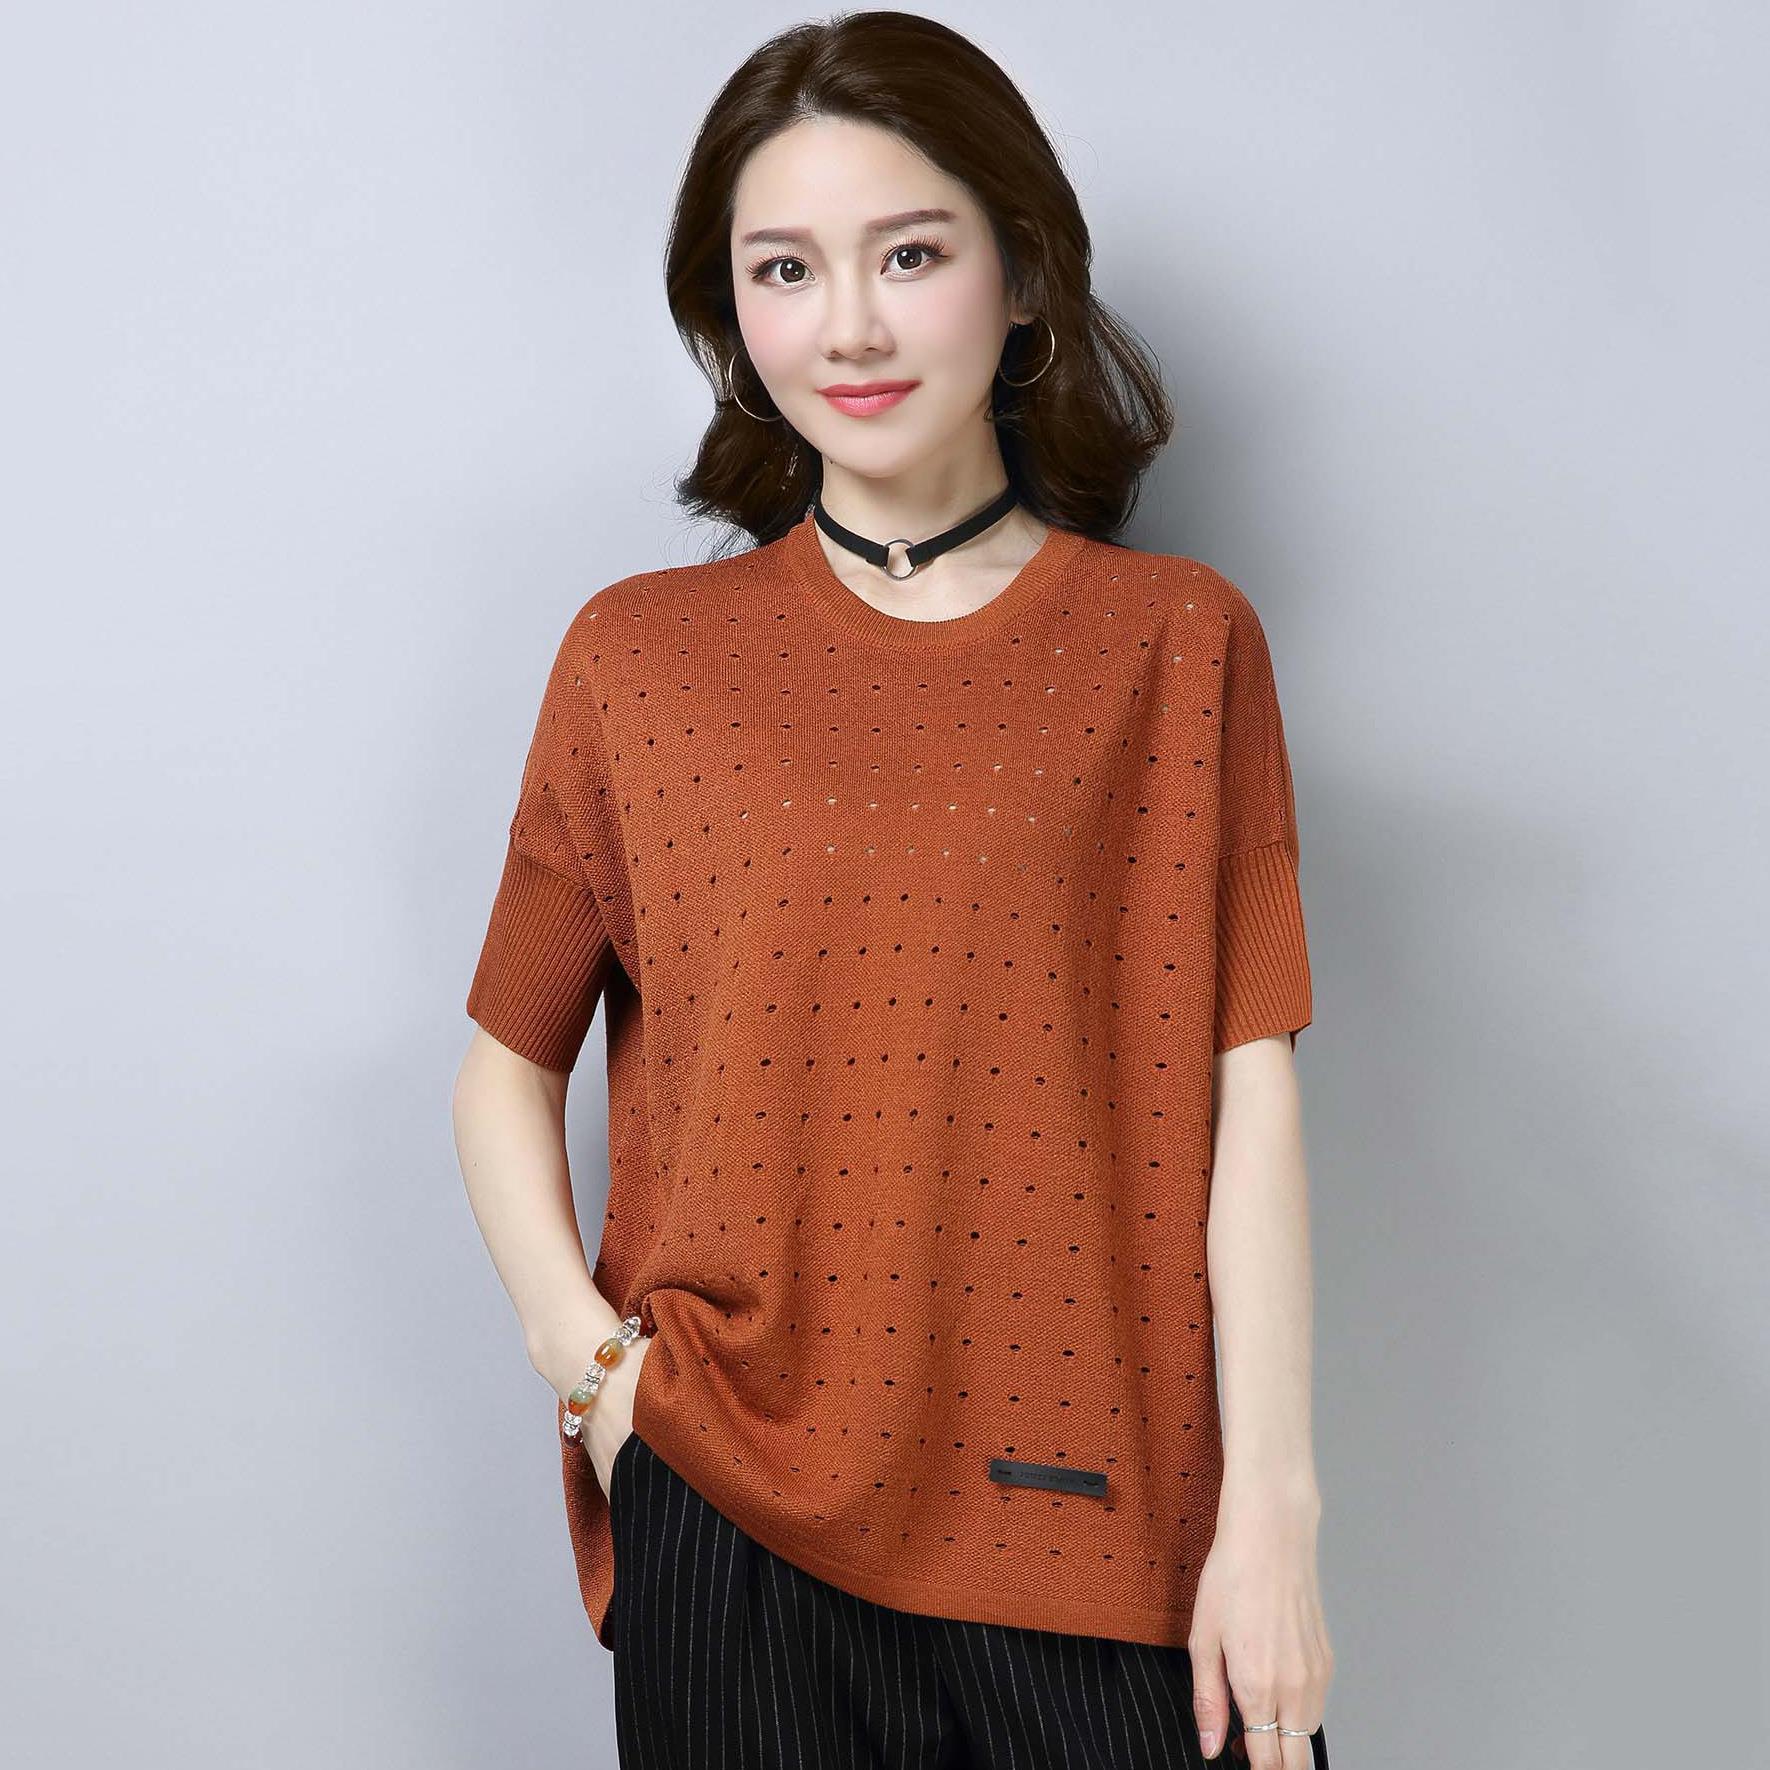 2018夏季新款女装韩版圆领冰丝短袖T恤镂空宽松薄针织衫私人定制